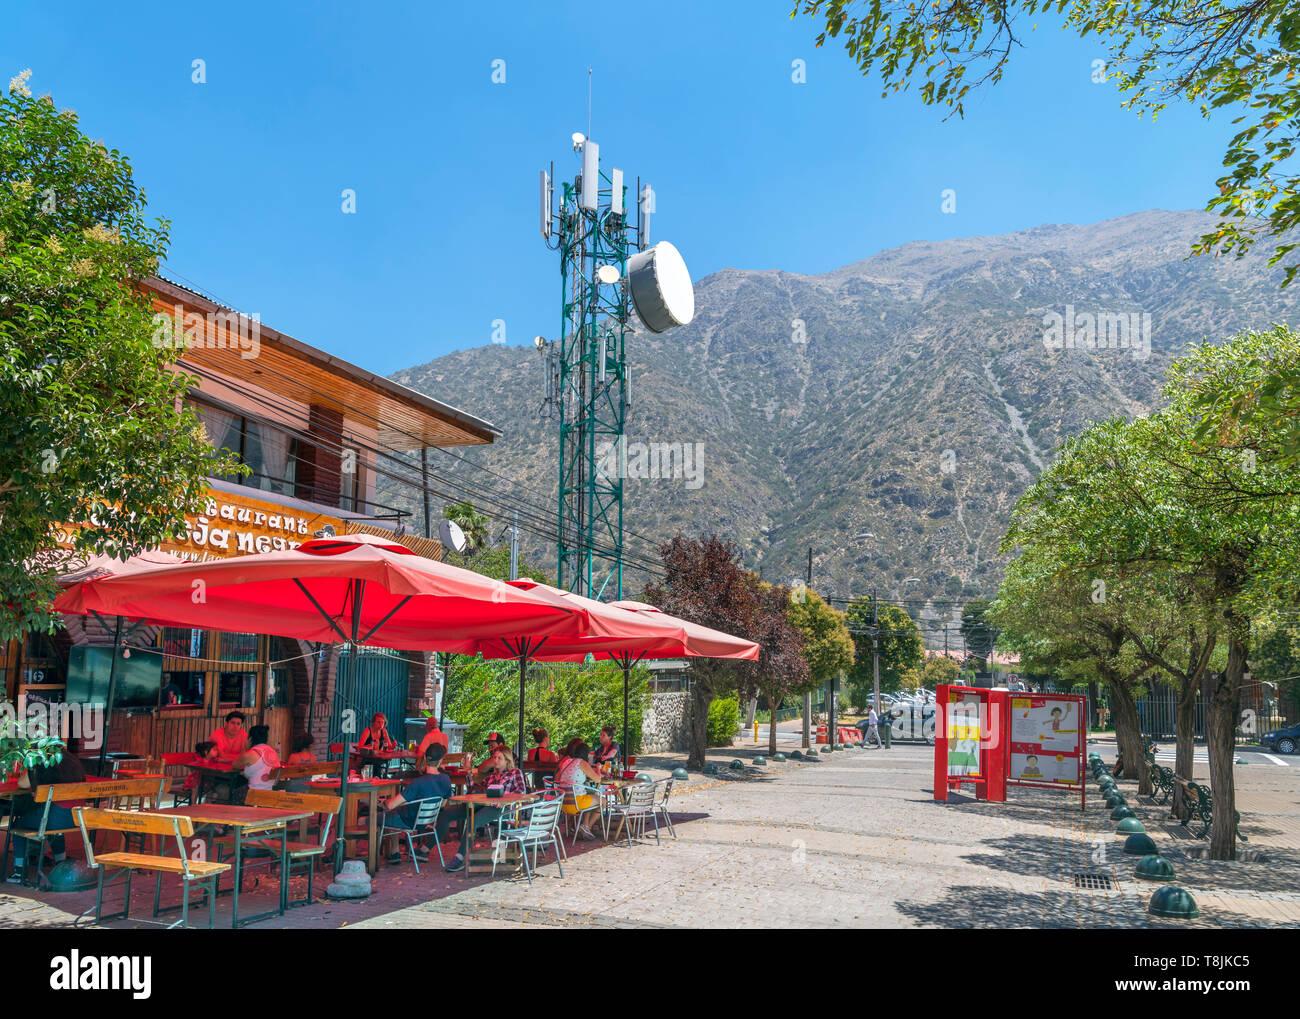 Restaurante junto a un teléfono móvil mástil en San José de Maipo, provincia de Cordillera, Chile, Sudamérica Imagen De Stock